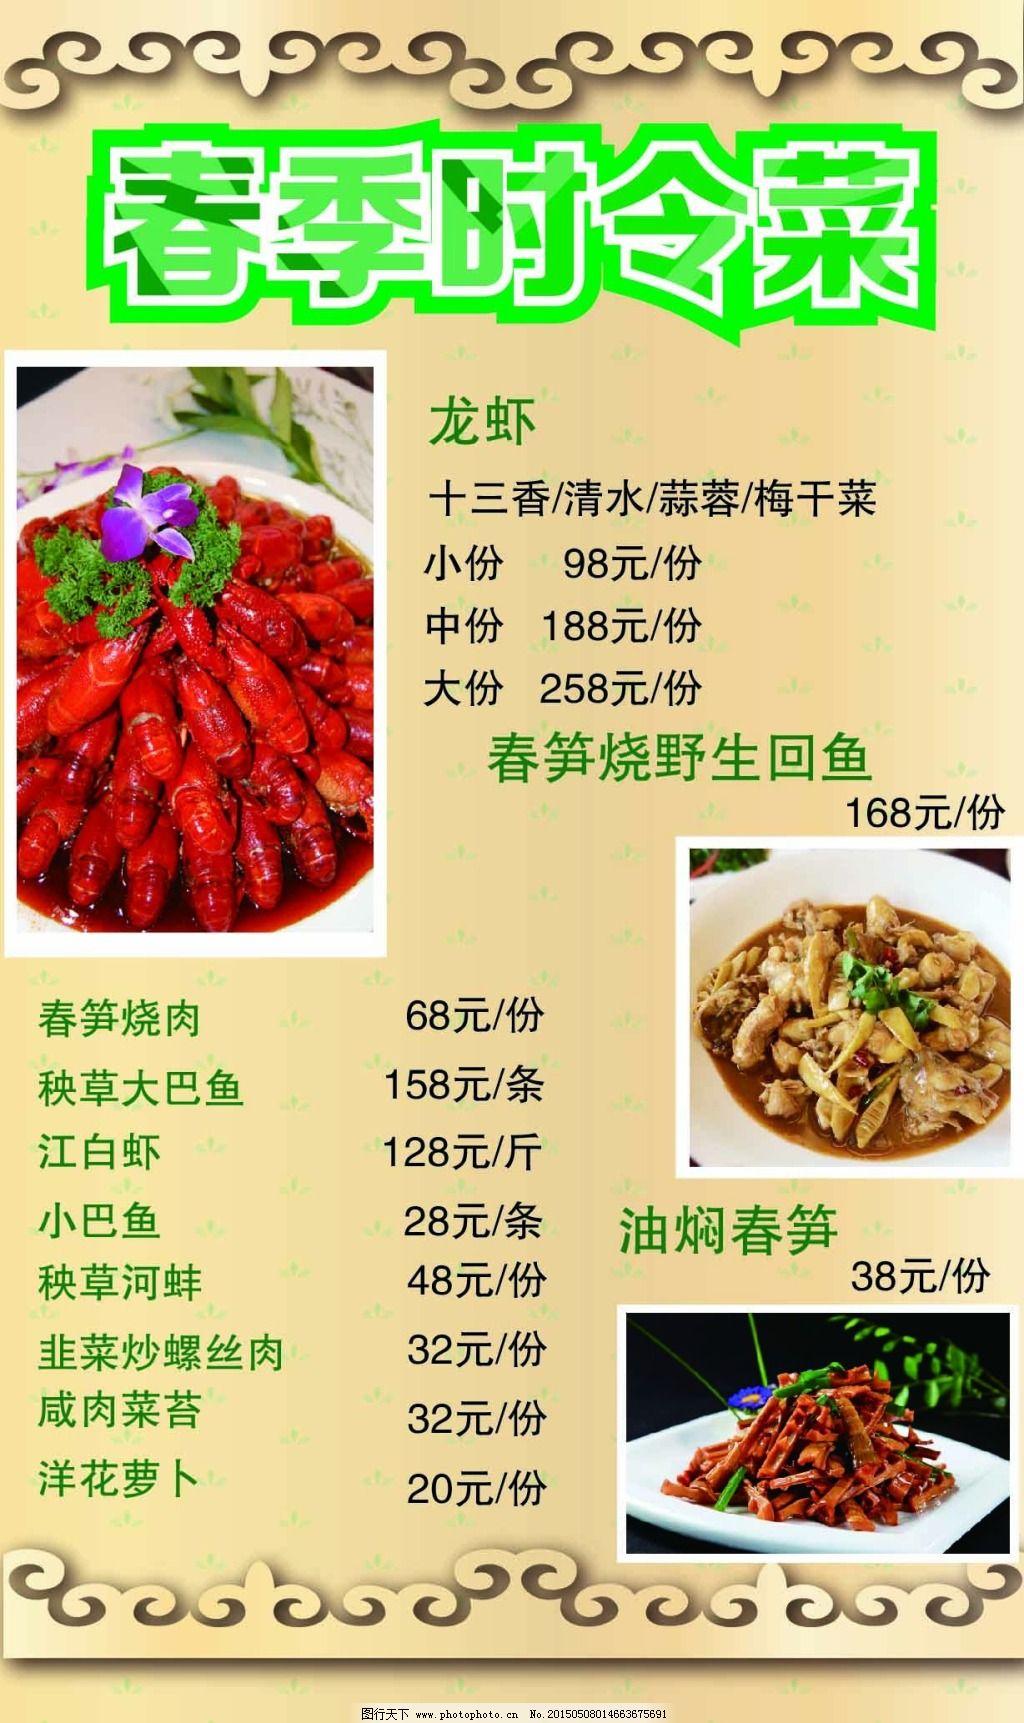 春季食谱 春季食谱免费下载 菜谱 龙虾 绿色 原创设计 其他原创设计